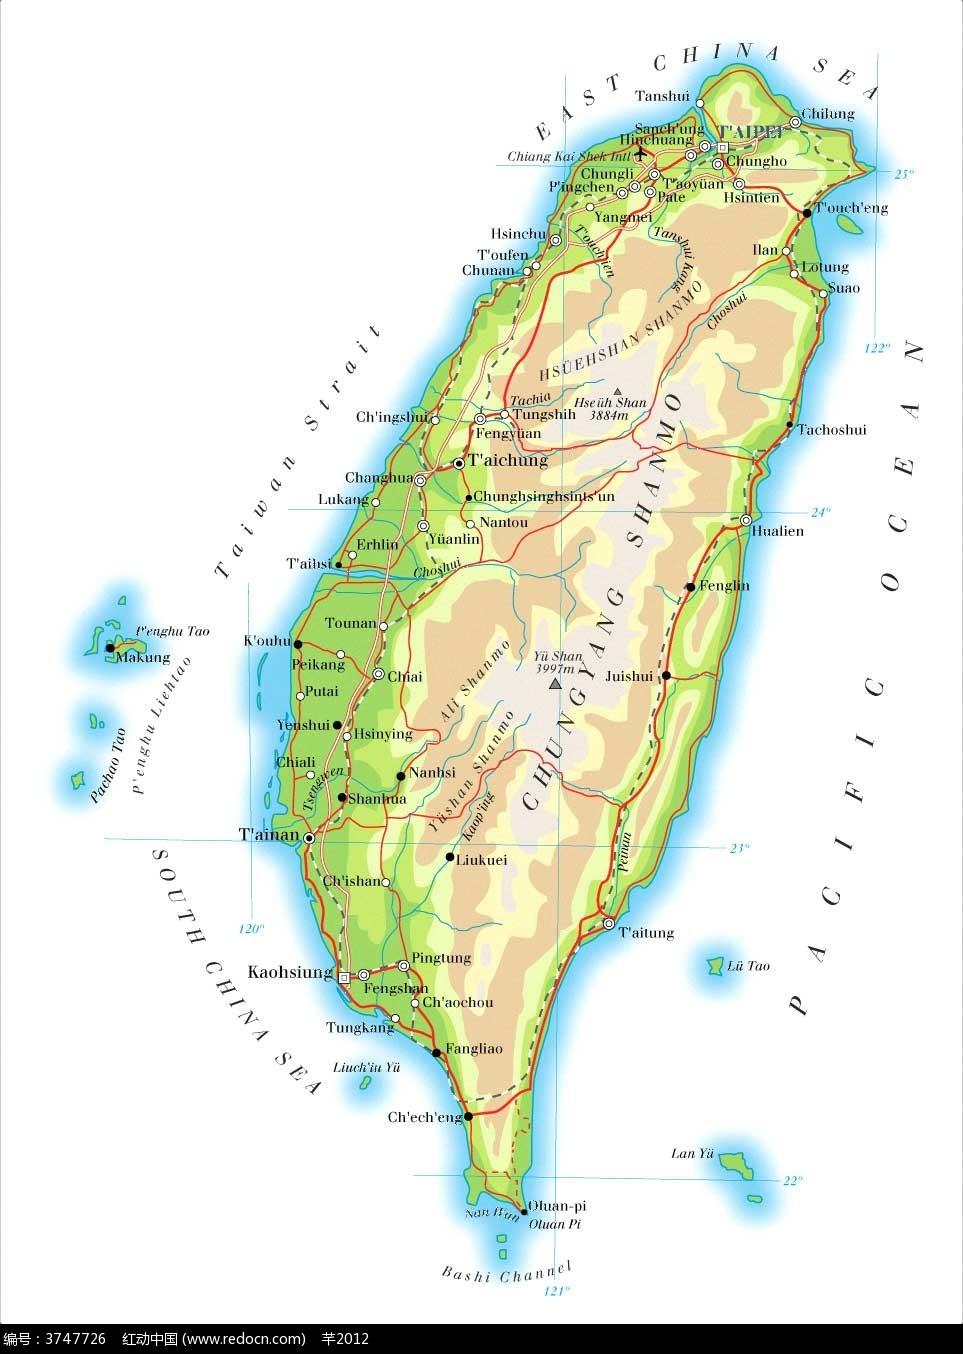 台湾旅游地图大全_台湾旅游资讯_台湾岛旅游网